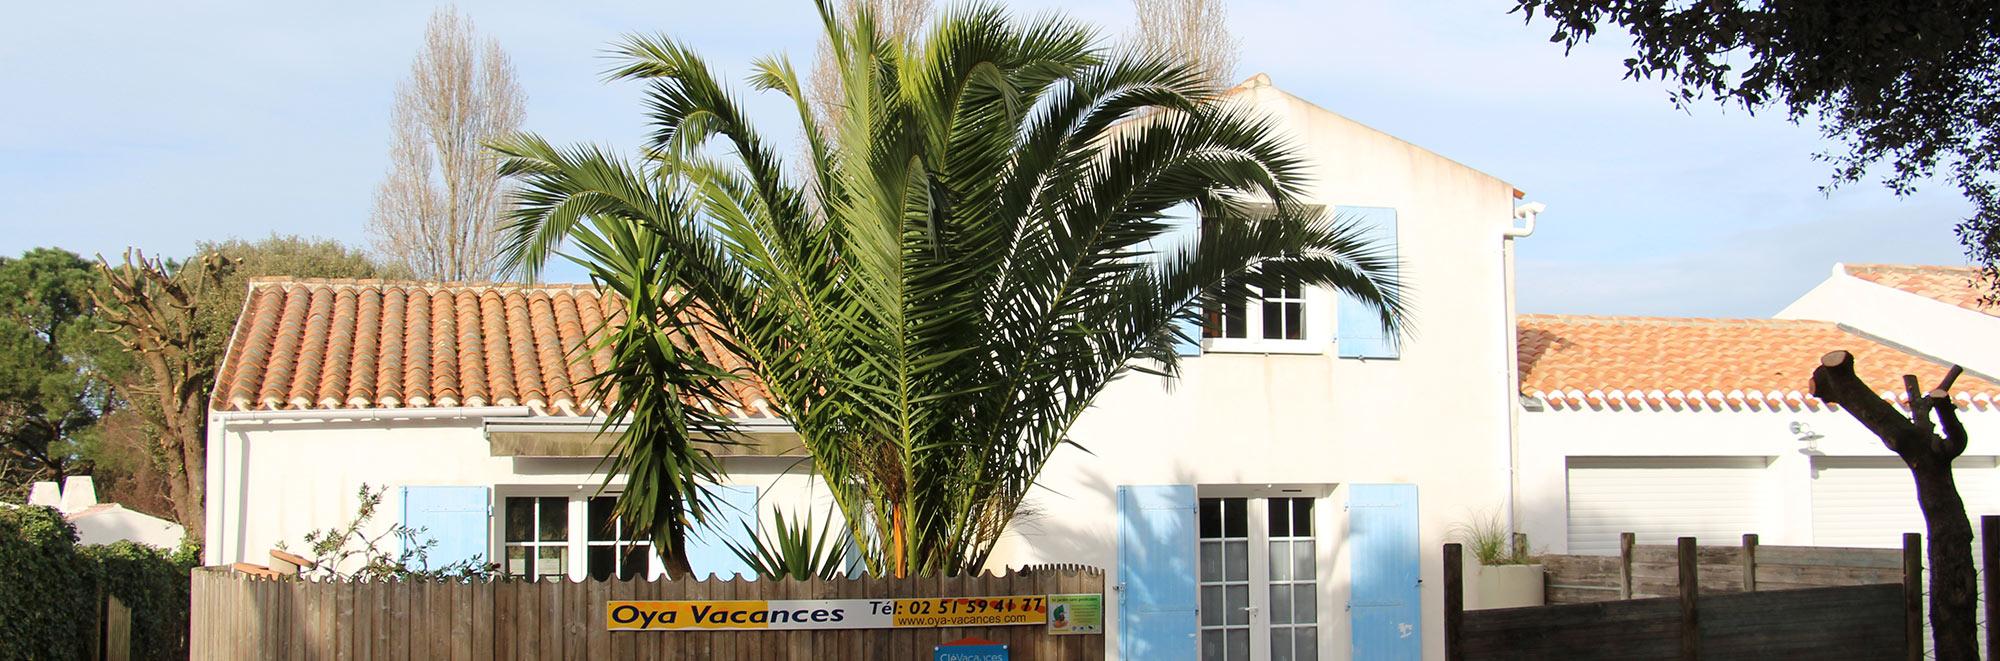 Maison de vacances avec palmier